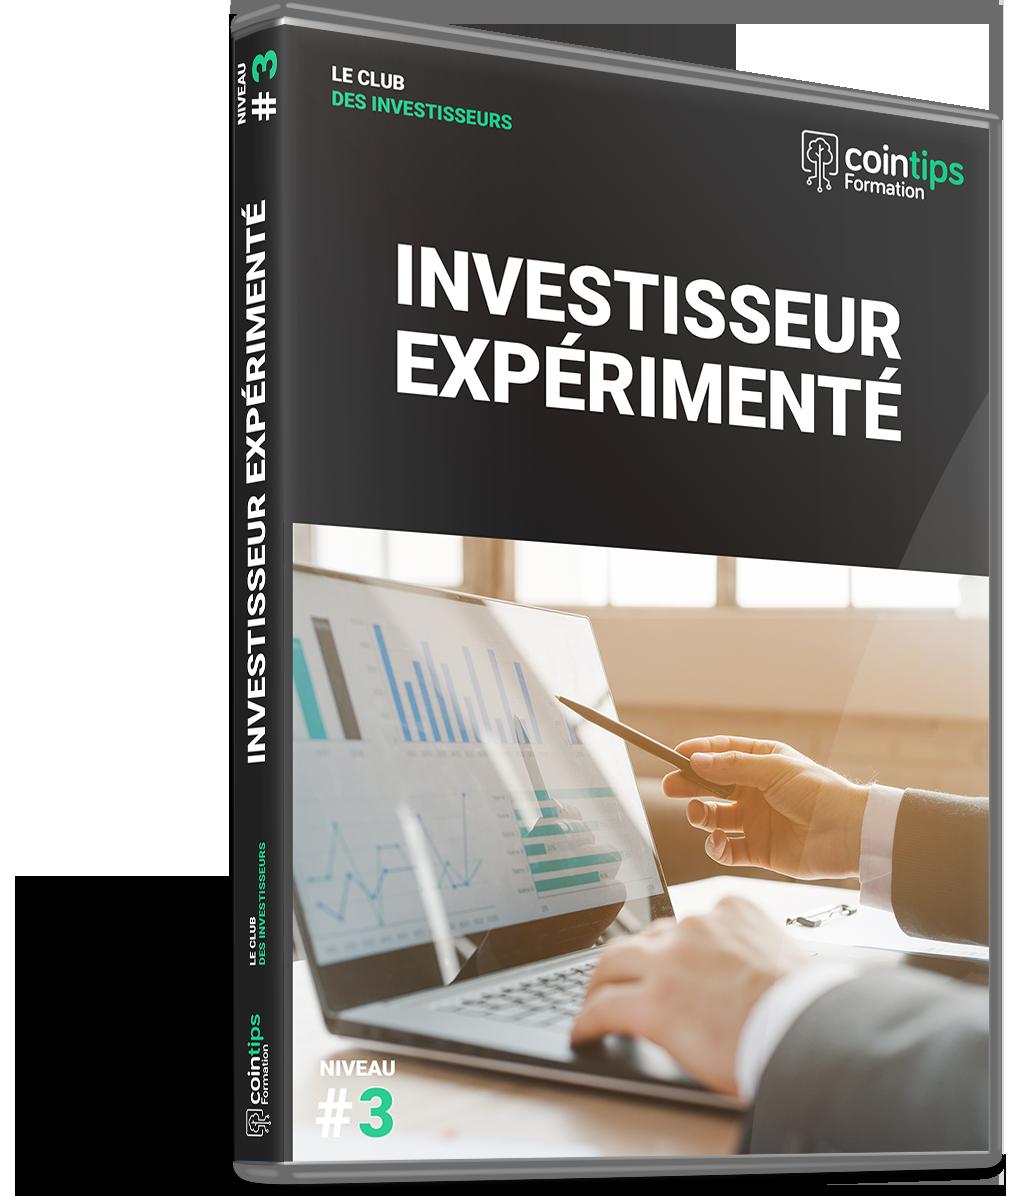 CLUB'INVEST - Investisseur Expérimenté